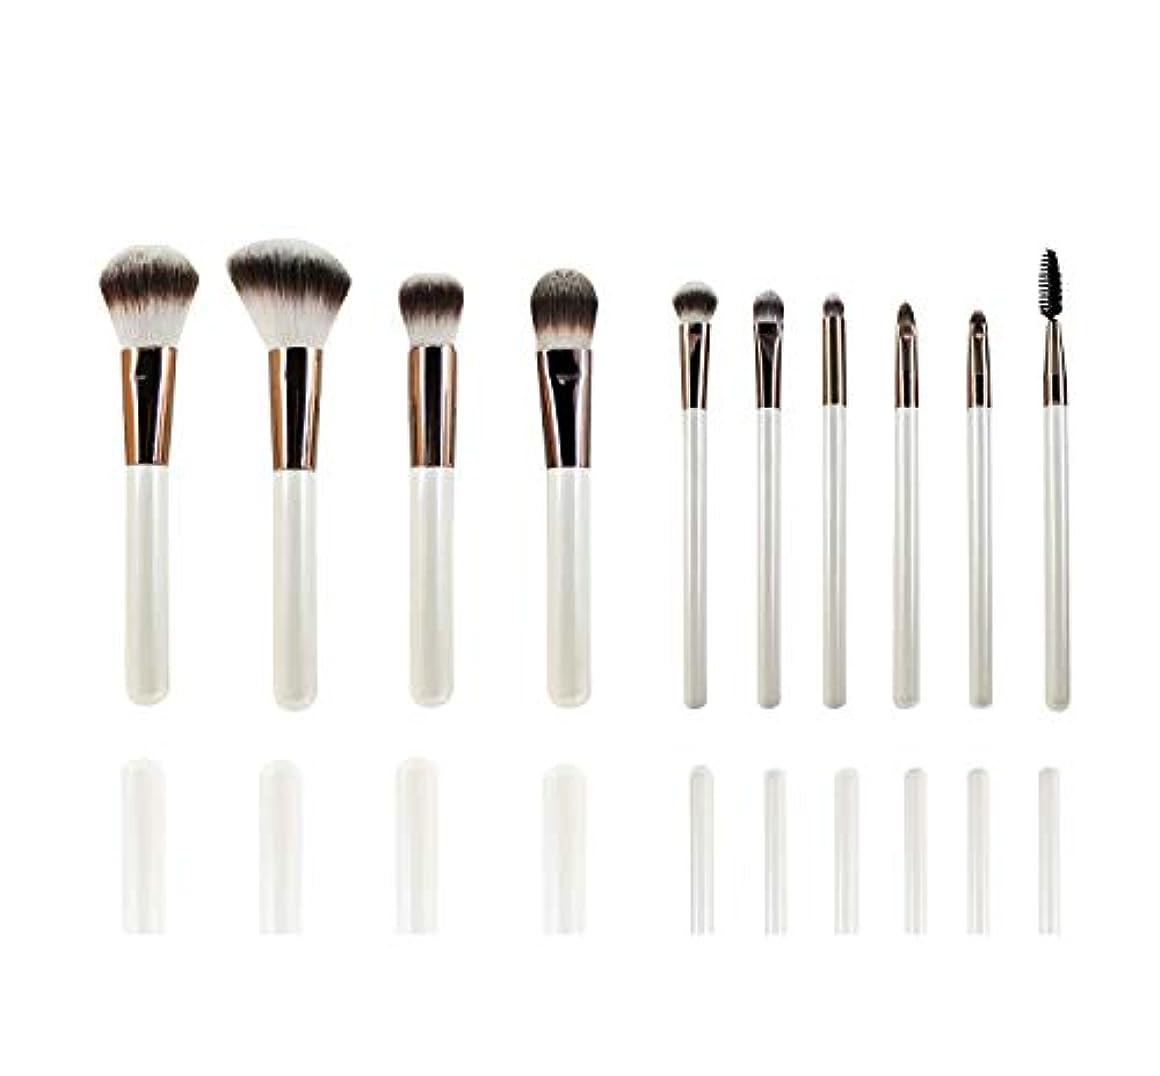 10本セット 化粧筆 フェイスブラシ 高級メイクブラシ超柔らかい 可愛いアイシャドウブラシ 化粧ブラシ